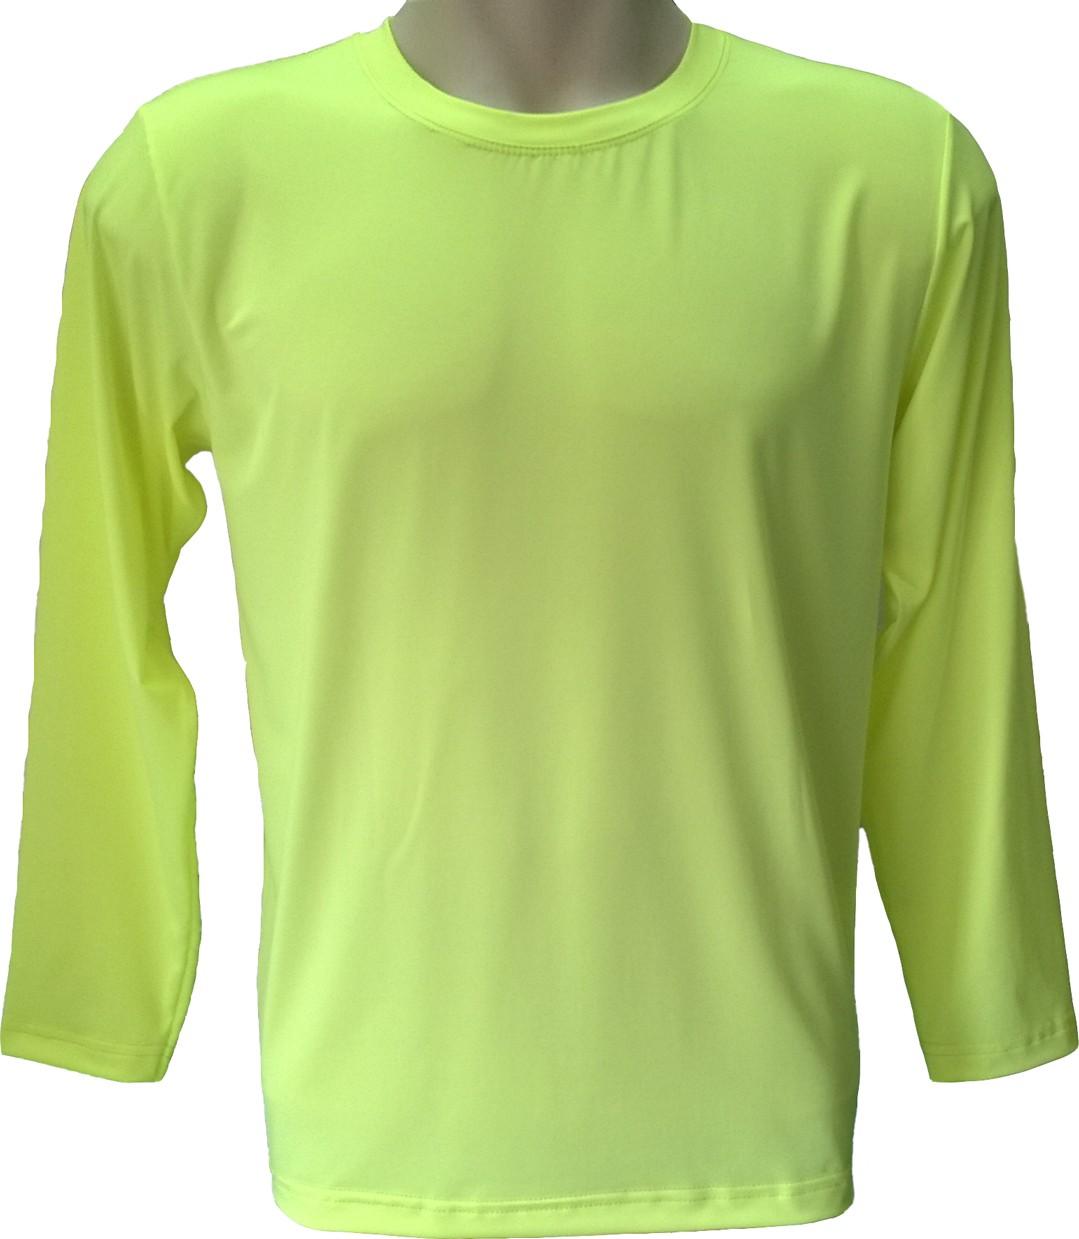 6db8671b5 Camiseta Manga Longa com Proteção Solar UV (Poliester) – Aceita Sublimação